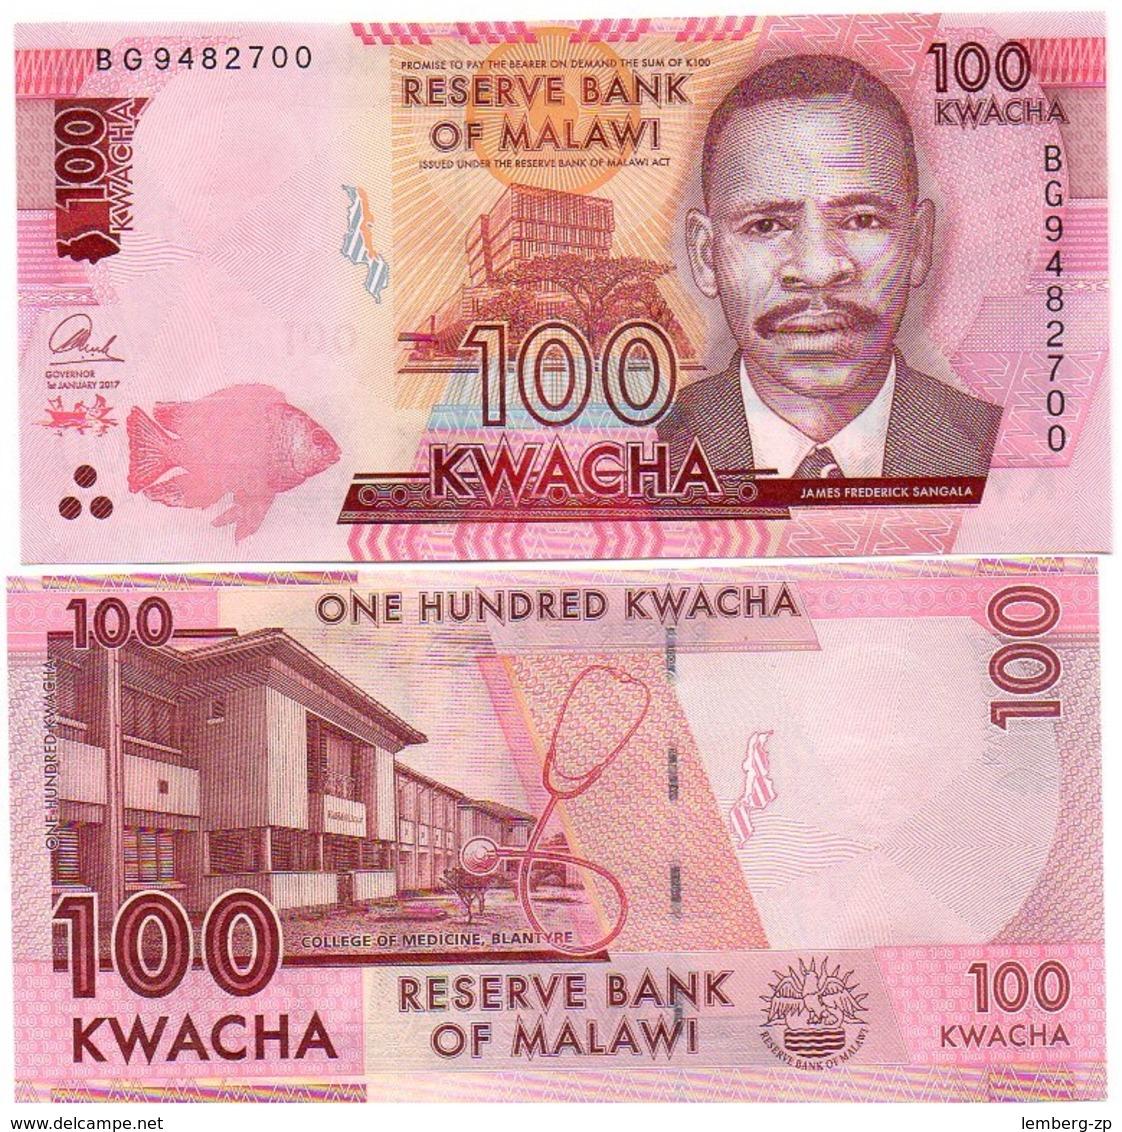 Malawi - 100 Kwacha 2017 UNC Lemberg-Zp - Malawi